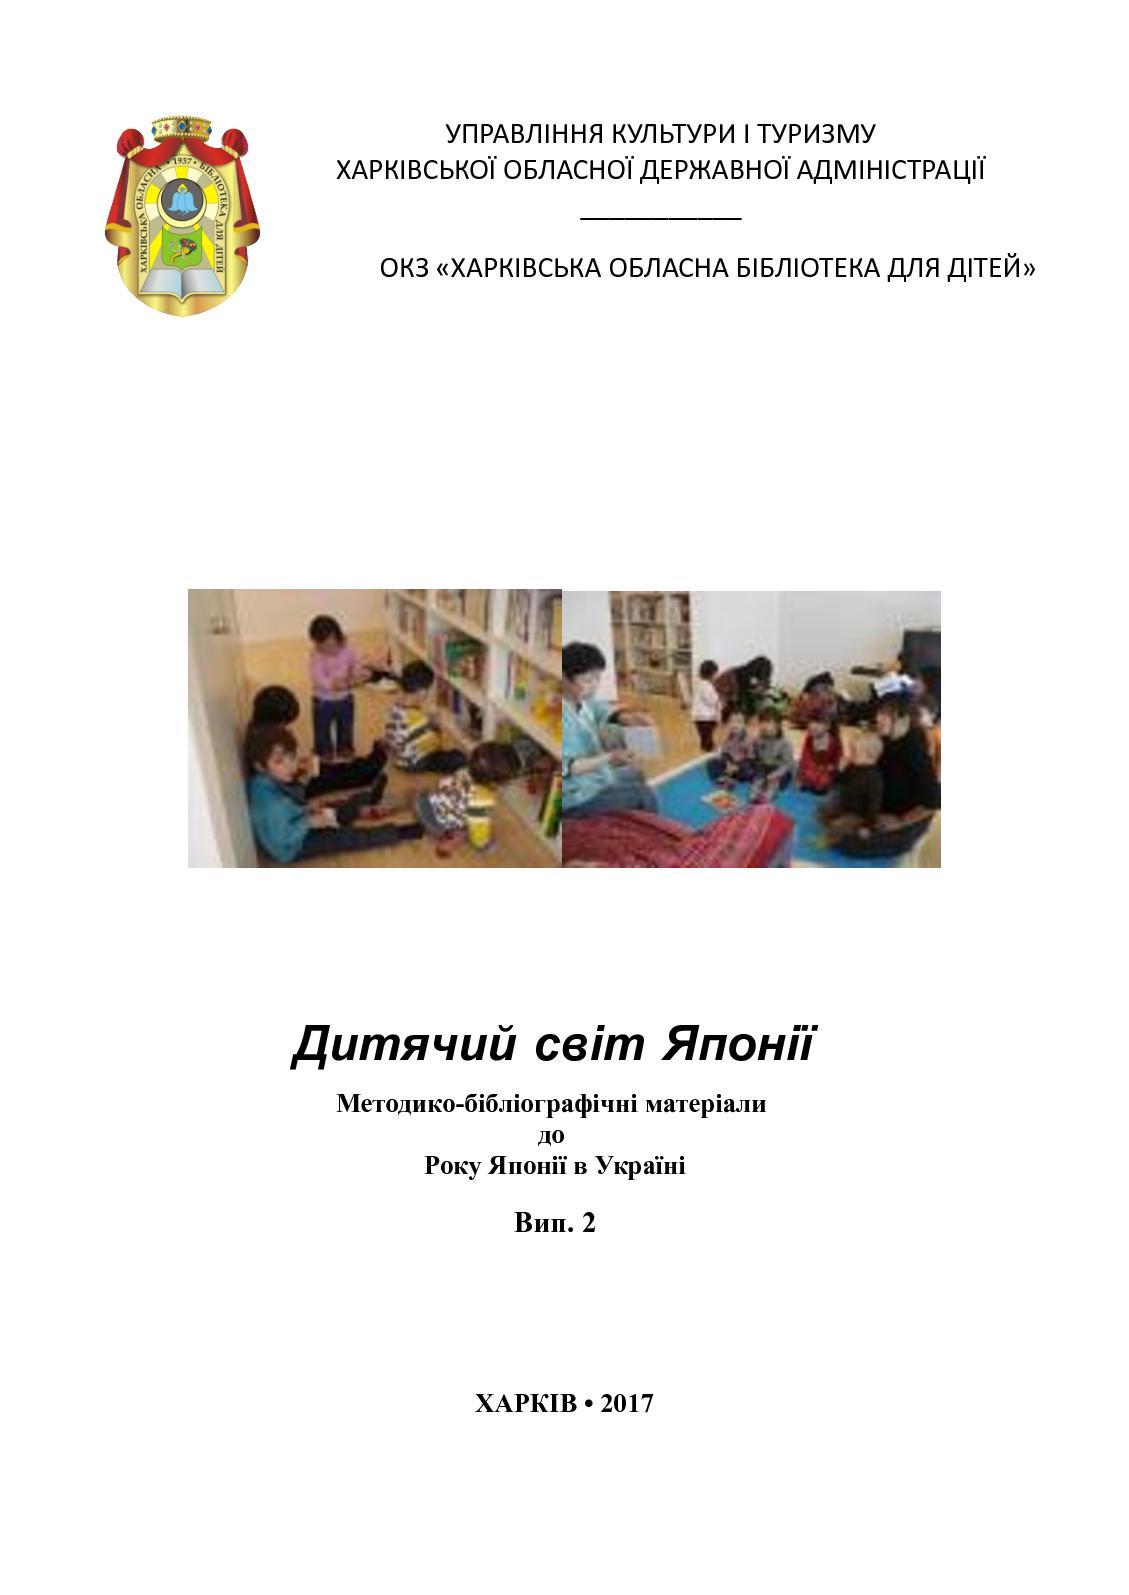 Calaméo - ЯПОНIя ВИП 2 Doc a44ee58d0c432